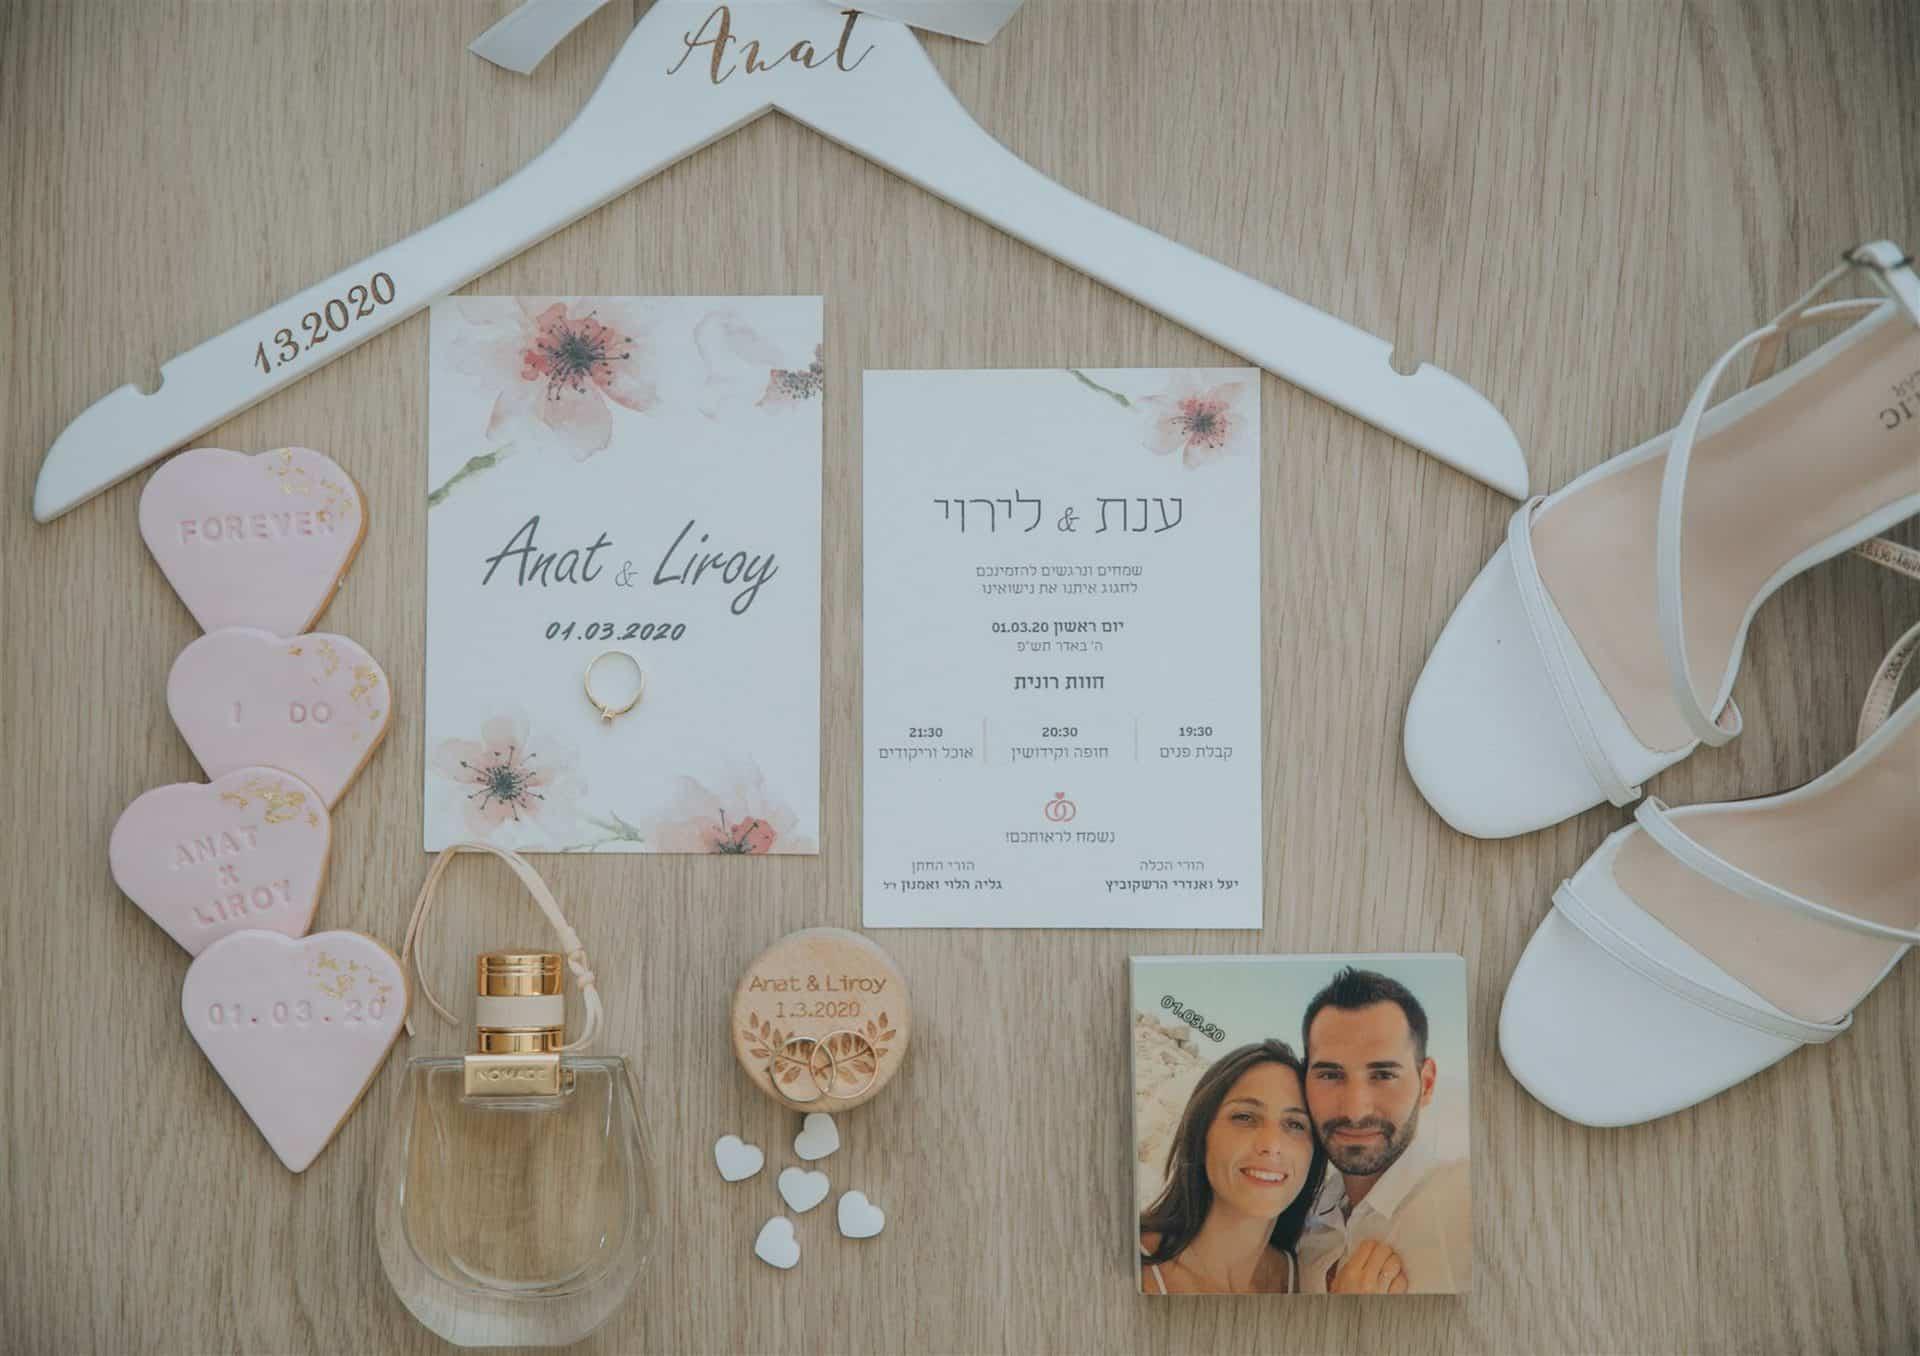 קאולג'ז של ענת ולירוי בחתונה